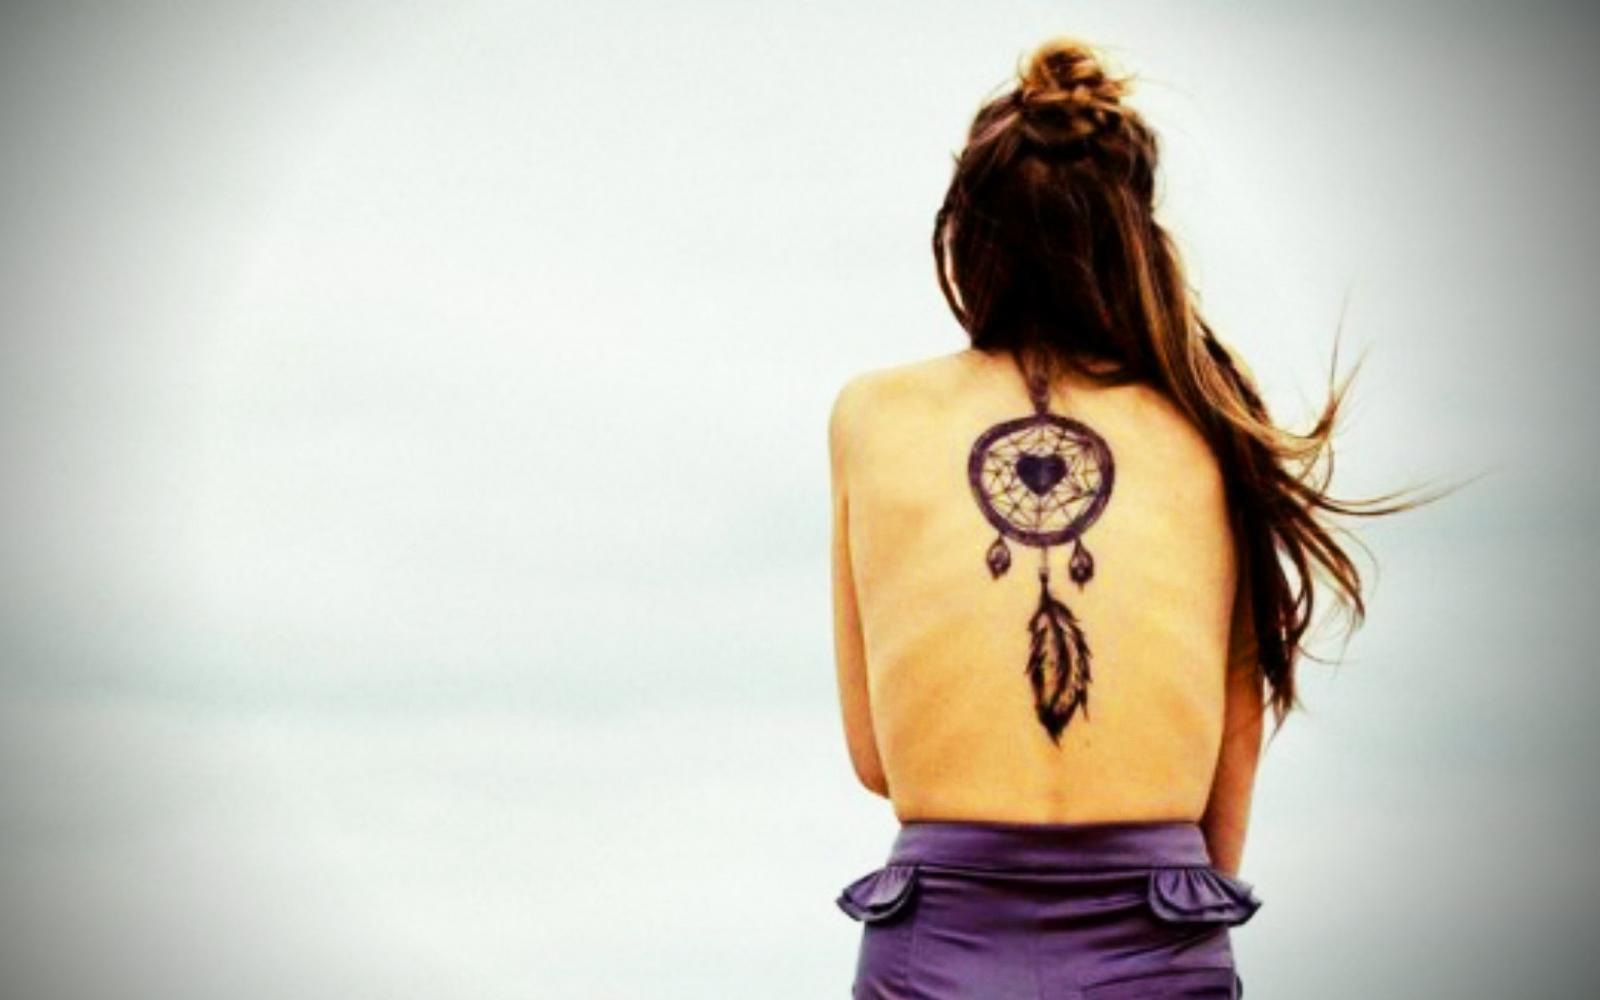 Dreamcatcher Tattoos Wallpaper HD | Wallpup.com